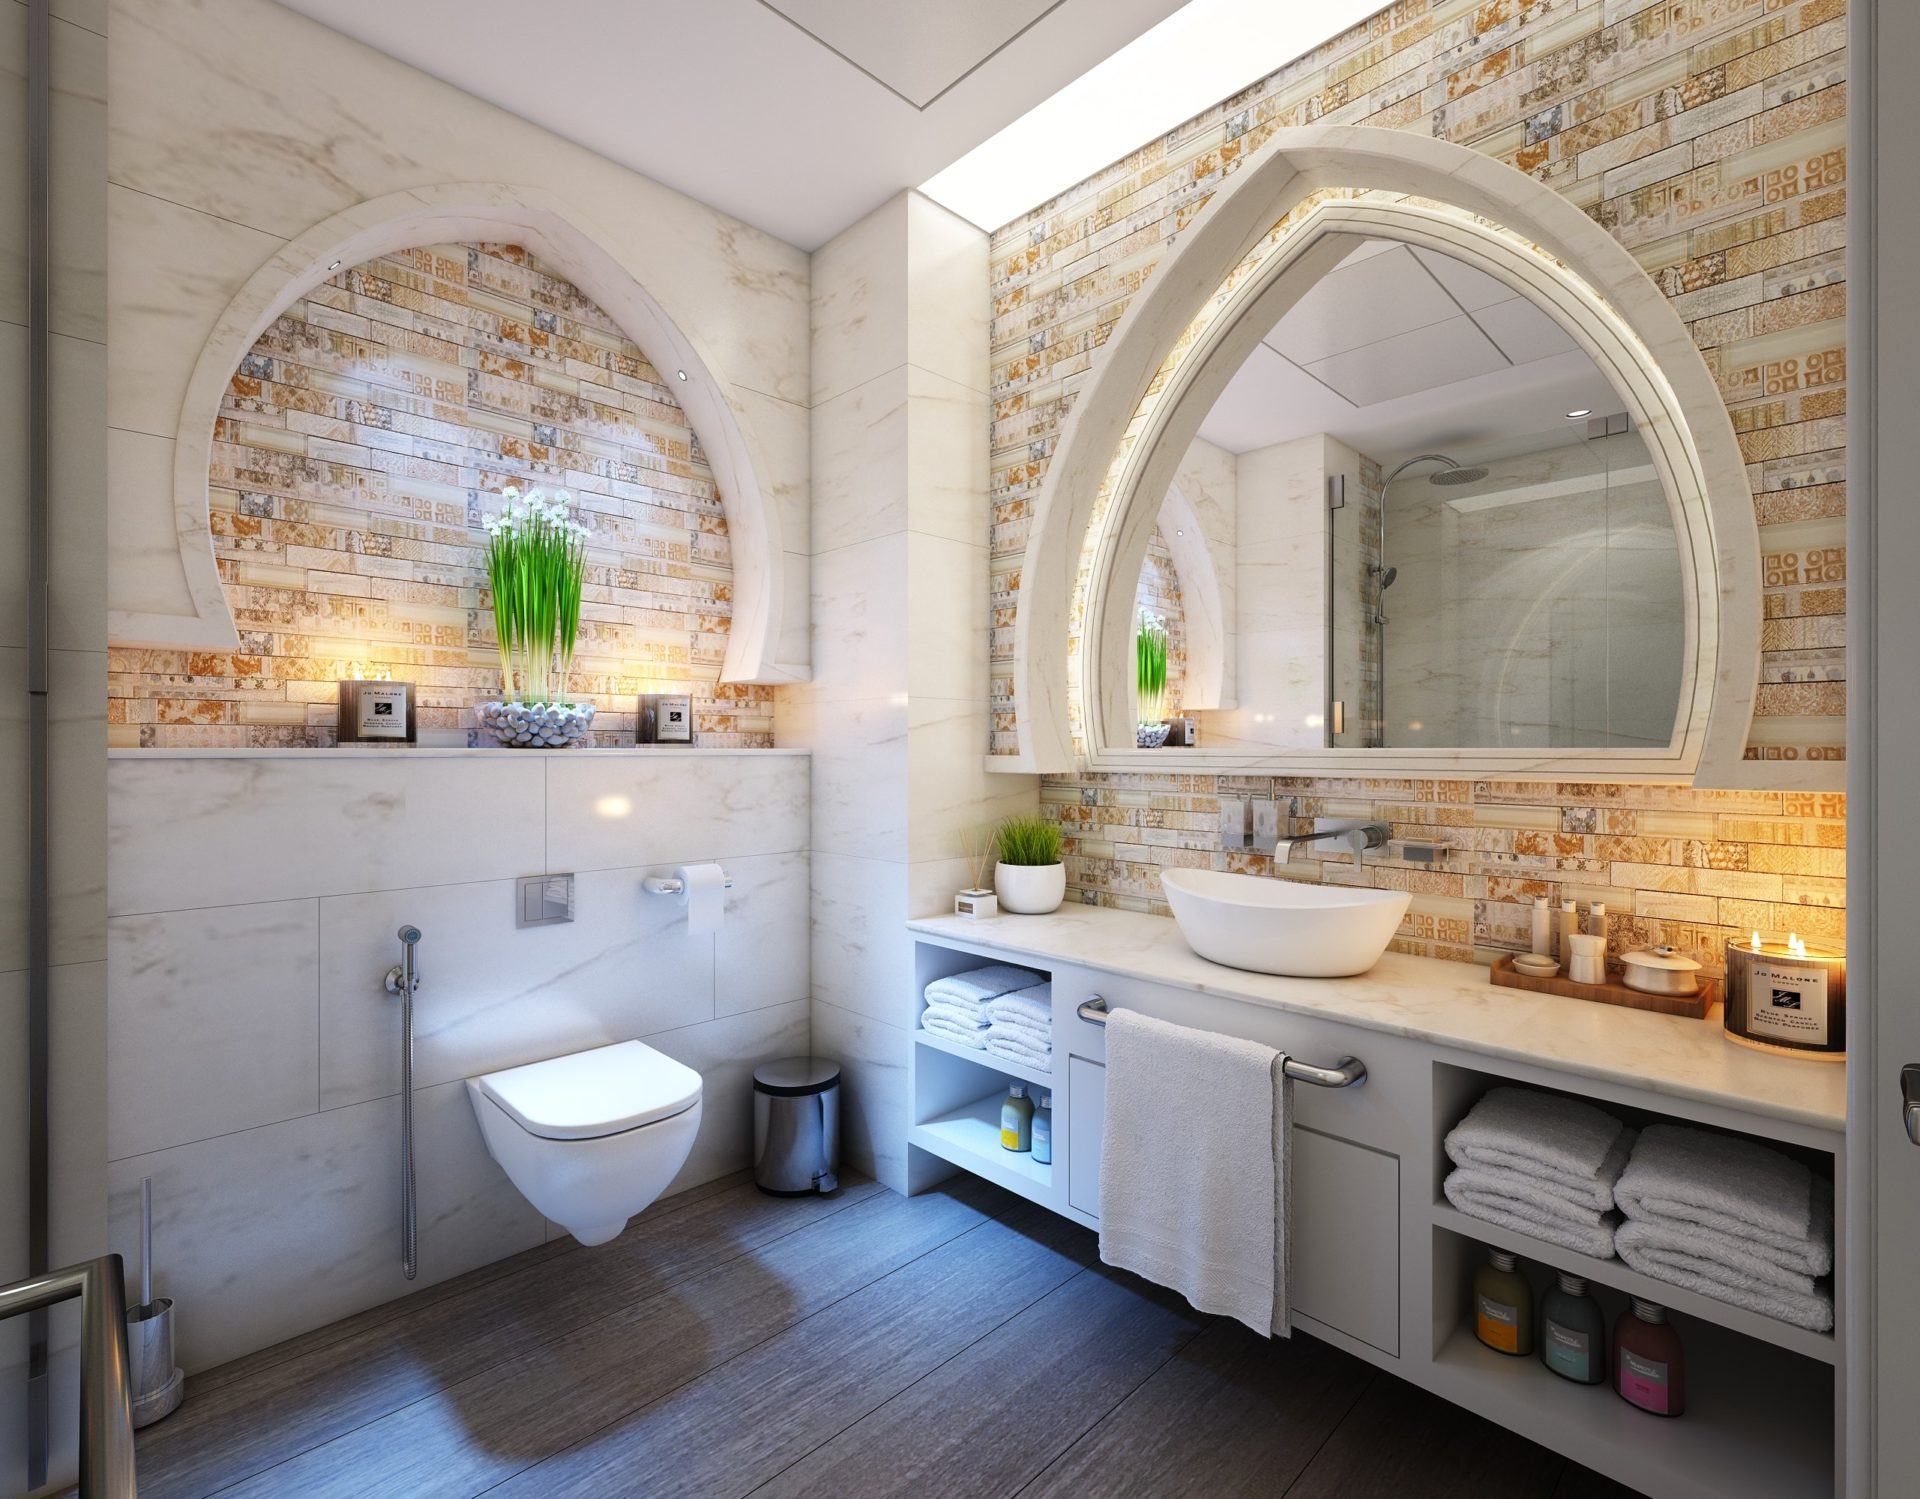 Badezimmer Ideen: Die besten Einrichtungs- und Dekotipps ...